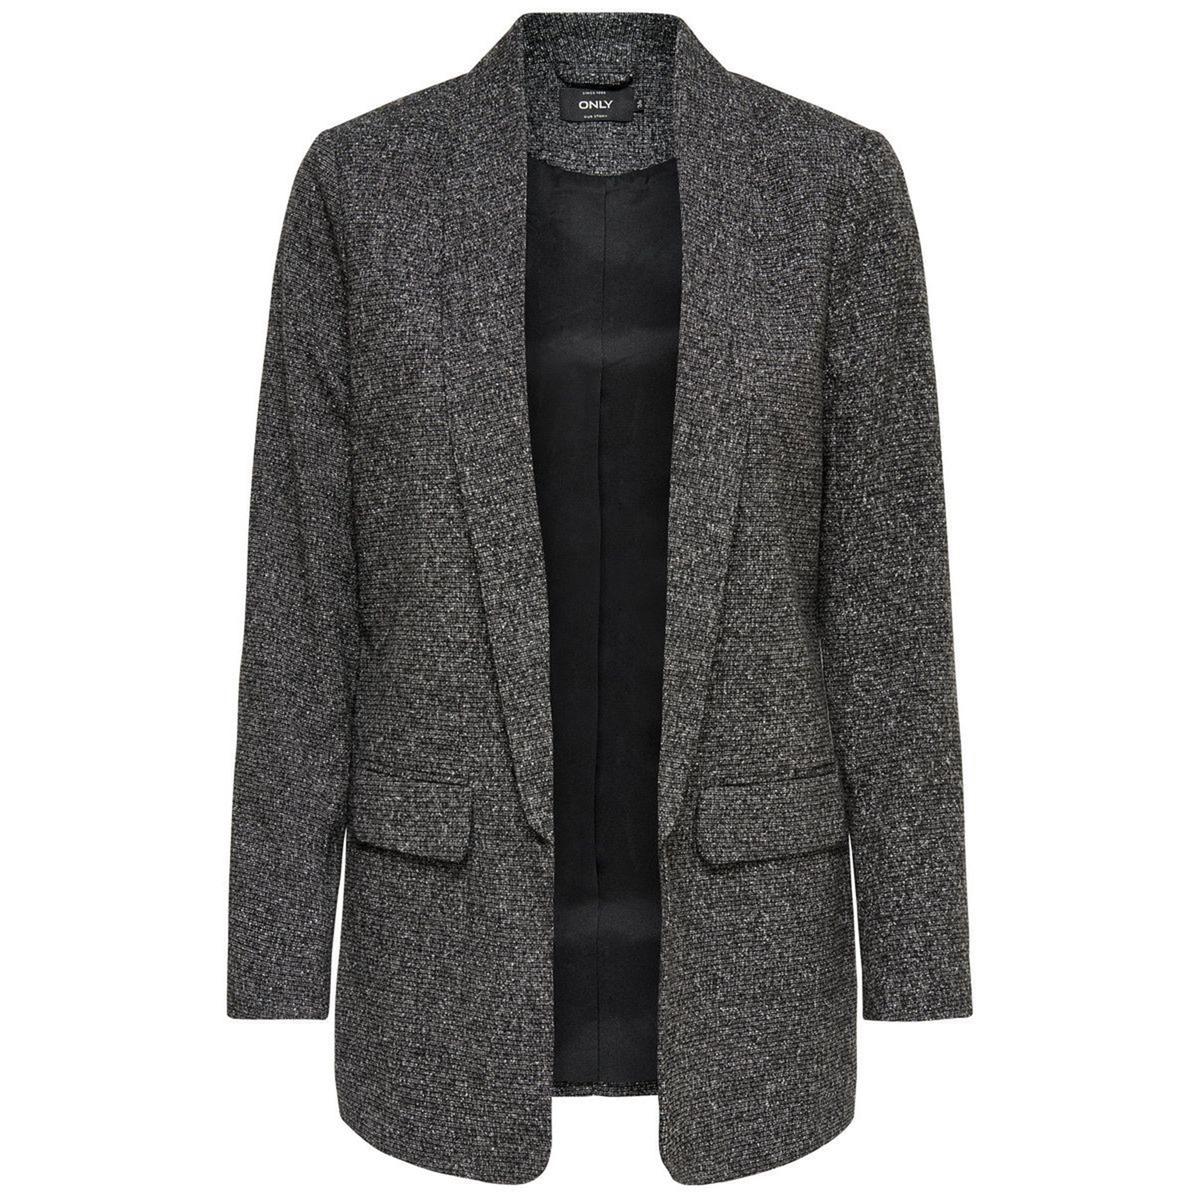 Куртка-бойфренд свободнаяДетали •  Просторная •  Покрой бойфренд, свободный •  Шалевый воротникСостав и уход •  15% вискозы, 4% шерсти, 81% полиэстера •  Следуйте советам по уходу, указанным на этикетке<br><br>Цвет: темно-серый меланж